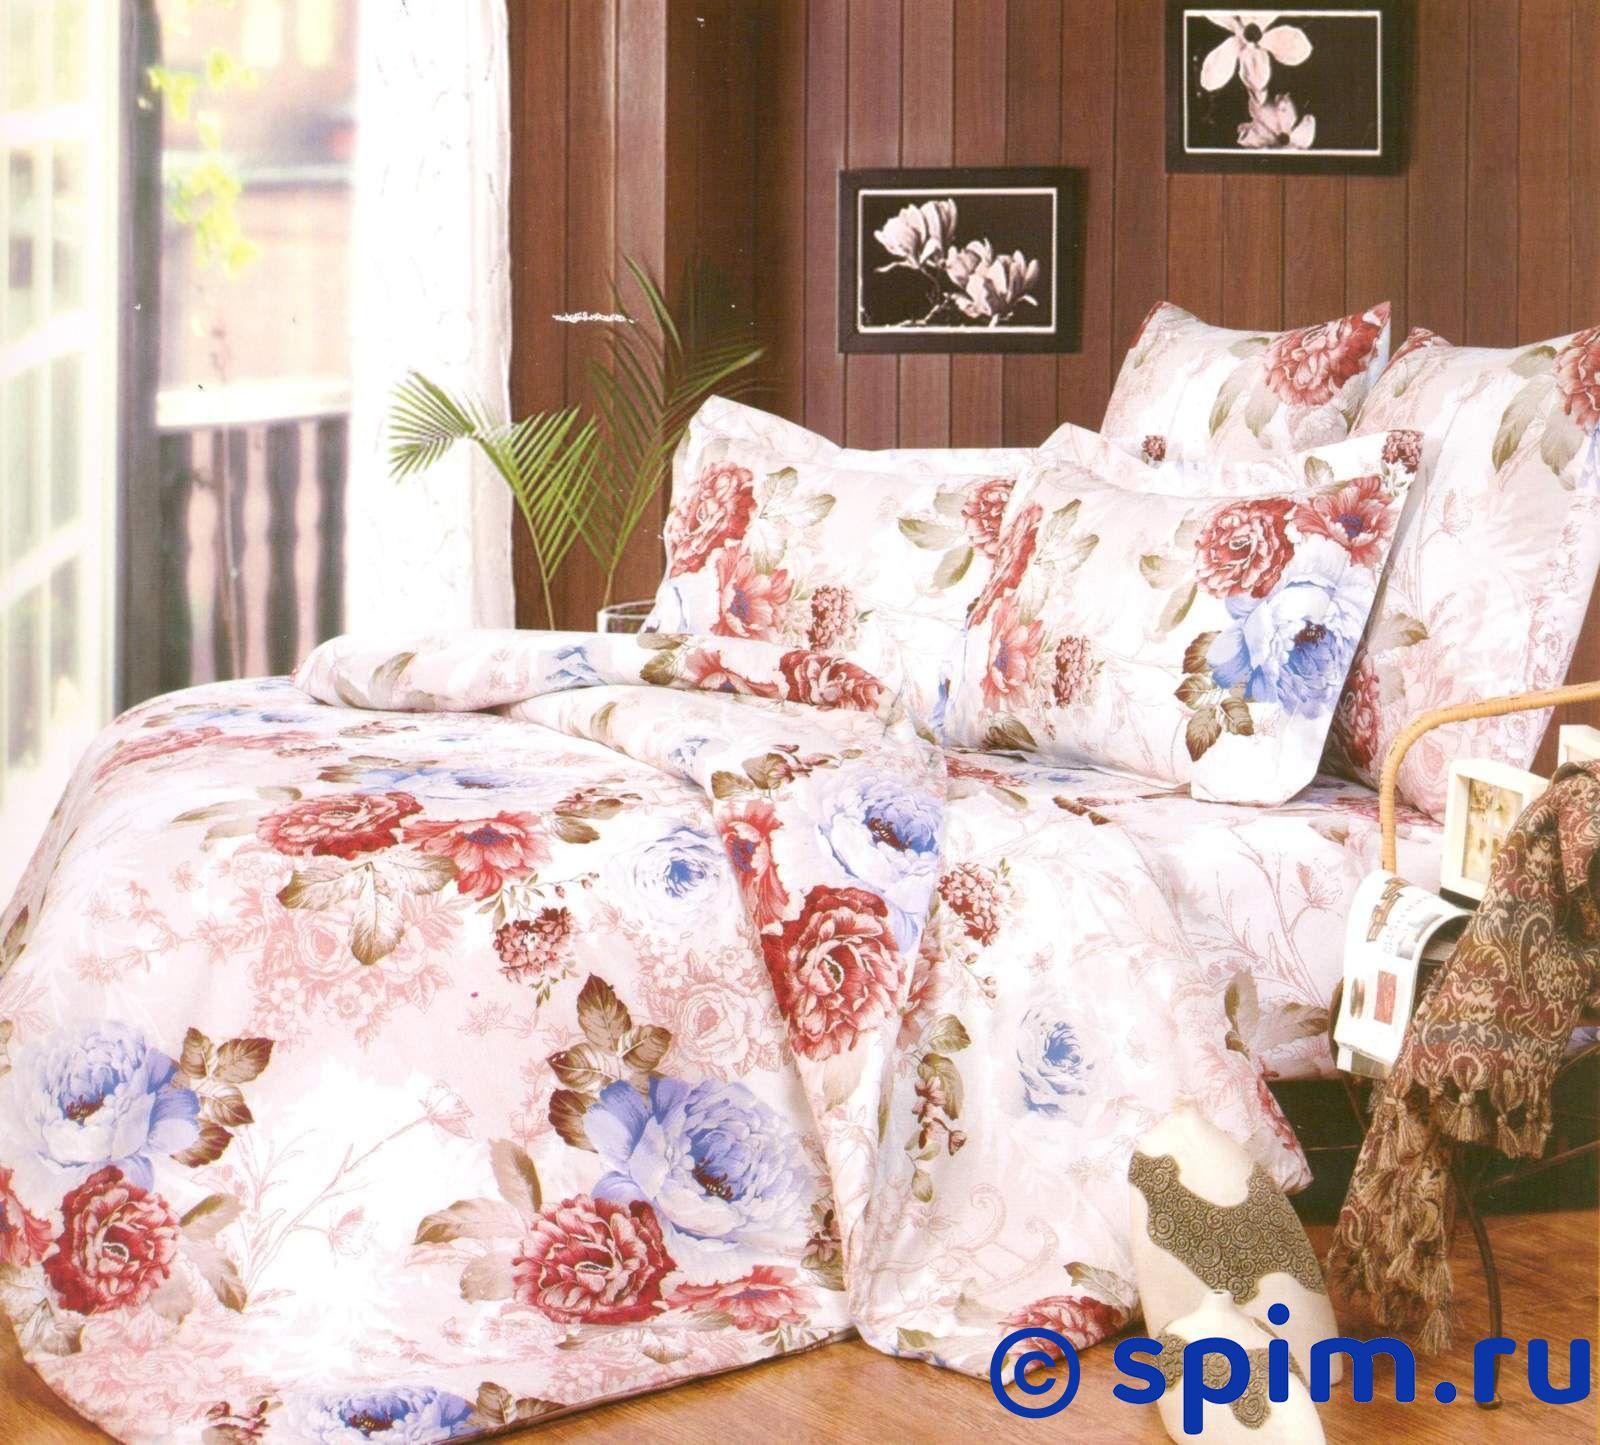 Комплект СайлиД А133 1.5 спальноеПостельное белье СайлиД<br>Материал: 100% хлопок (поплин). Плотность, г/м2: 125. Размер : 1.5 спальное<br><br>Размер: 1.5 спальное